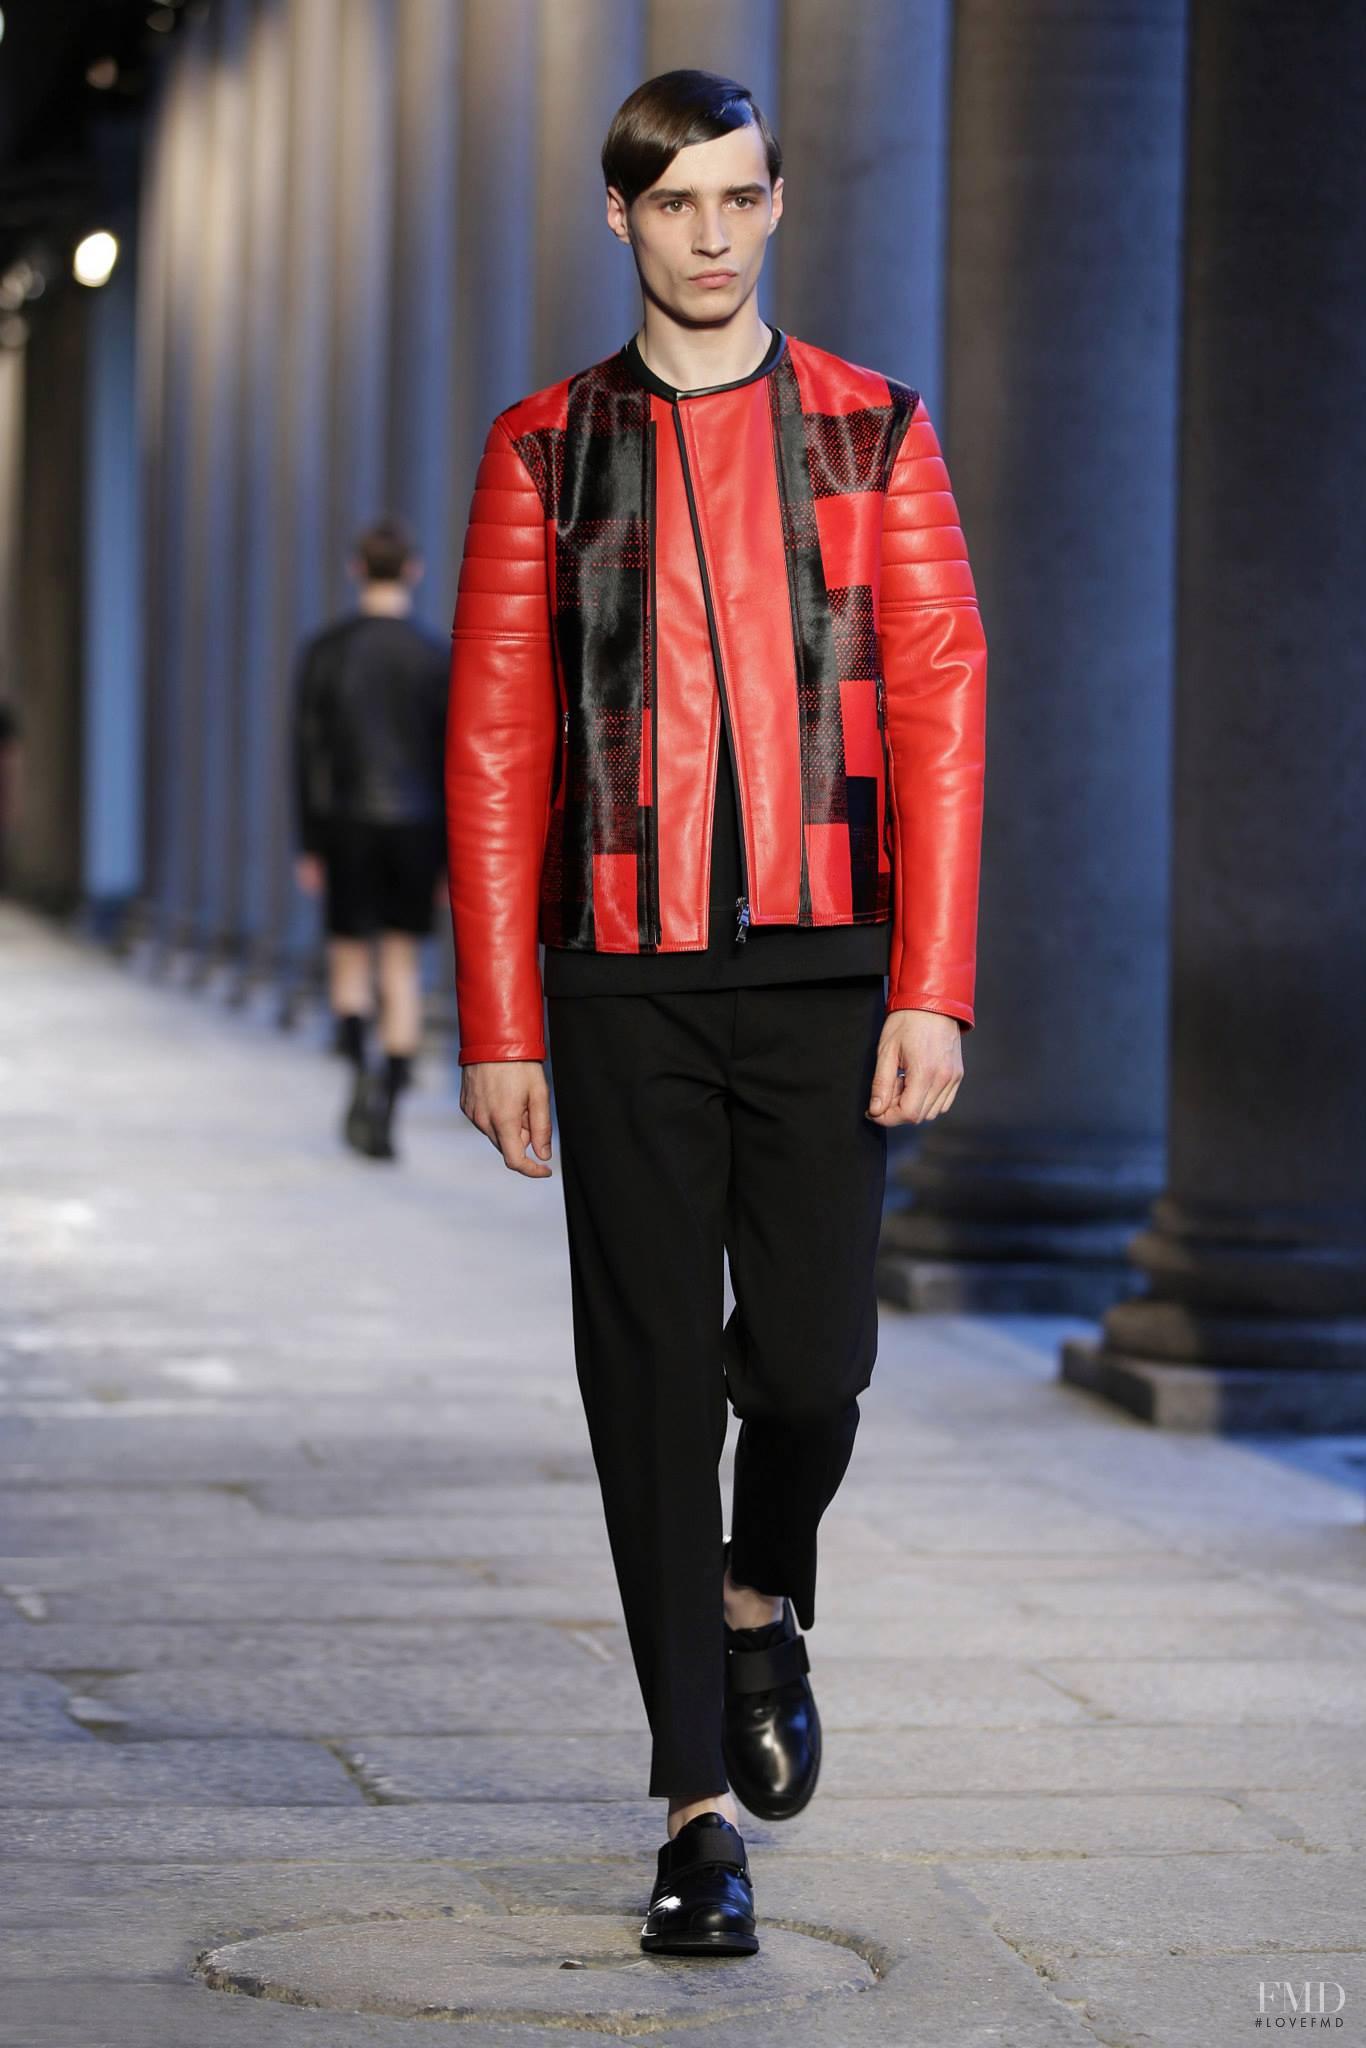 Neil Barrett (fashion designer) - Wikipedia